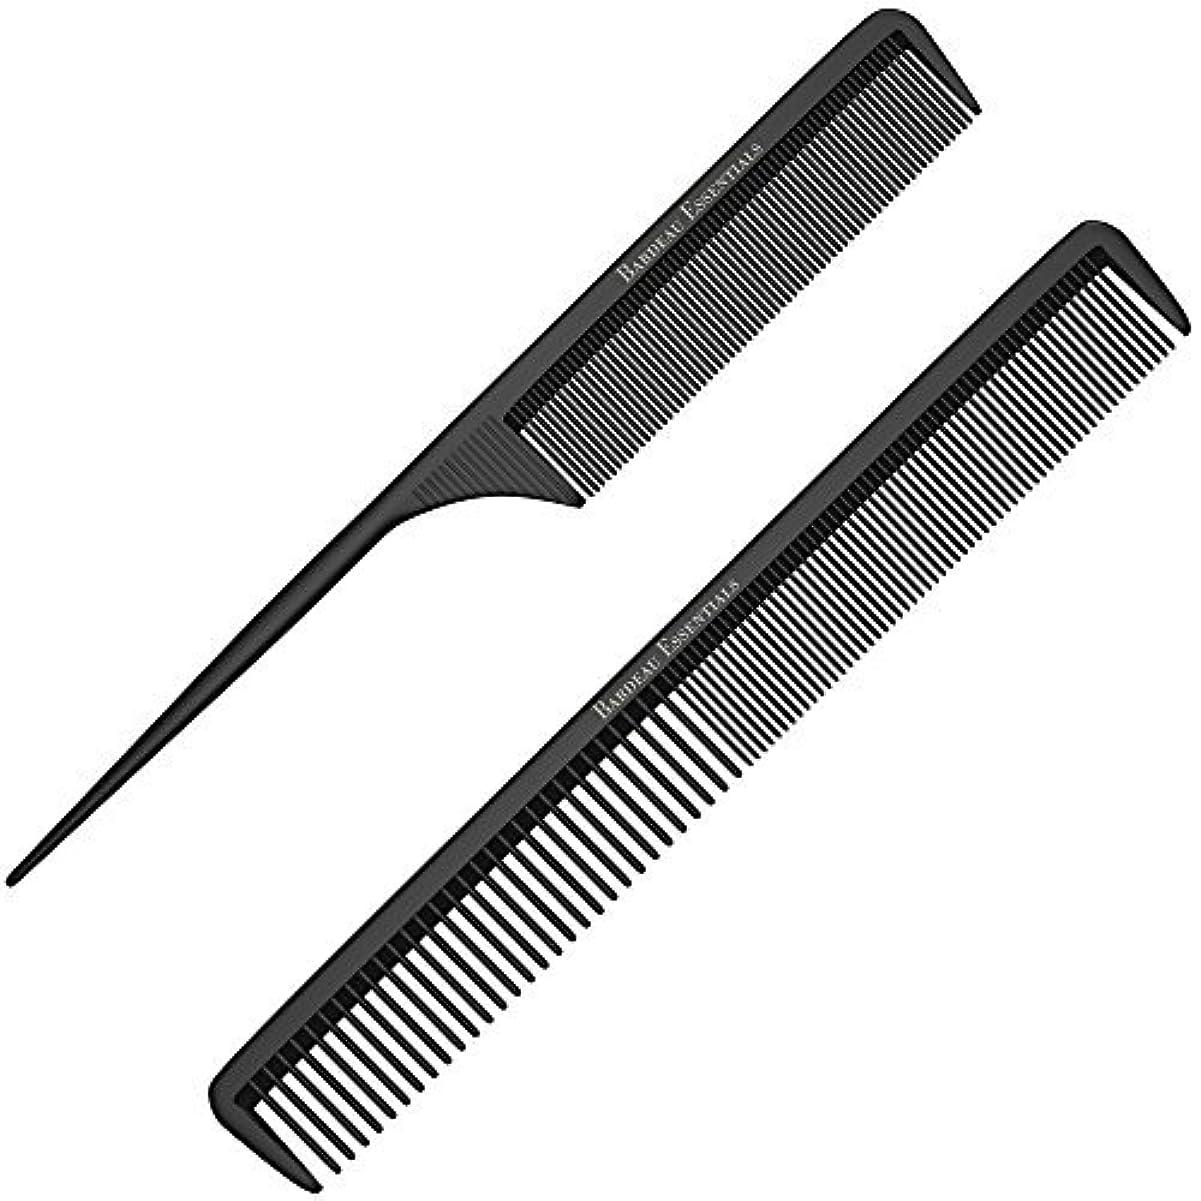 印象に変わる濃度Styling Comb and Tail Comb Combo Pack   Professional 8.75  Black Carbon Fiber Anti Static Chemical And Heat Resistant...